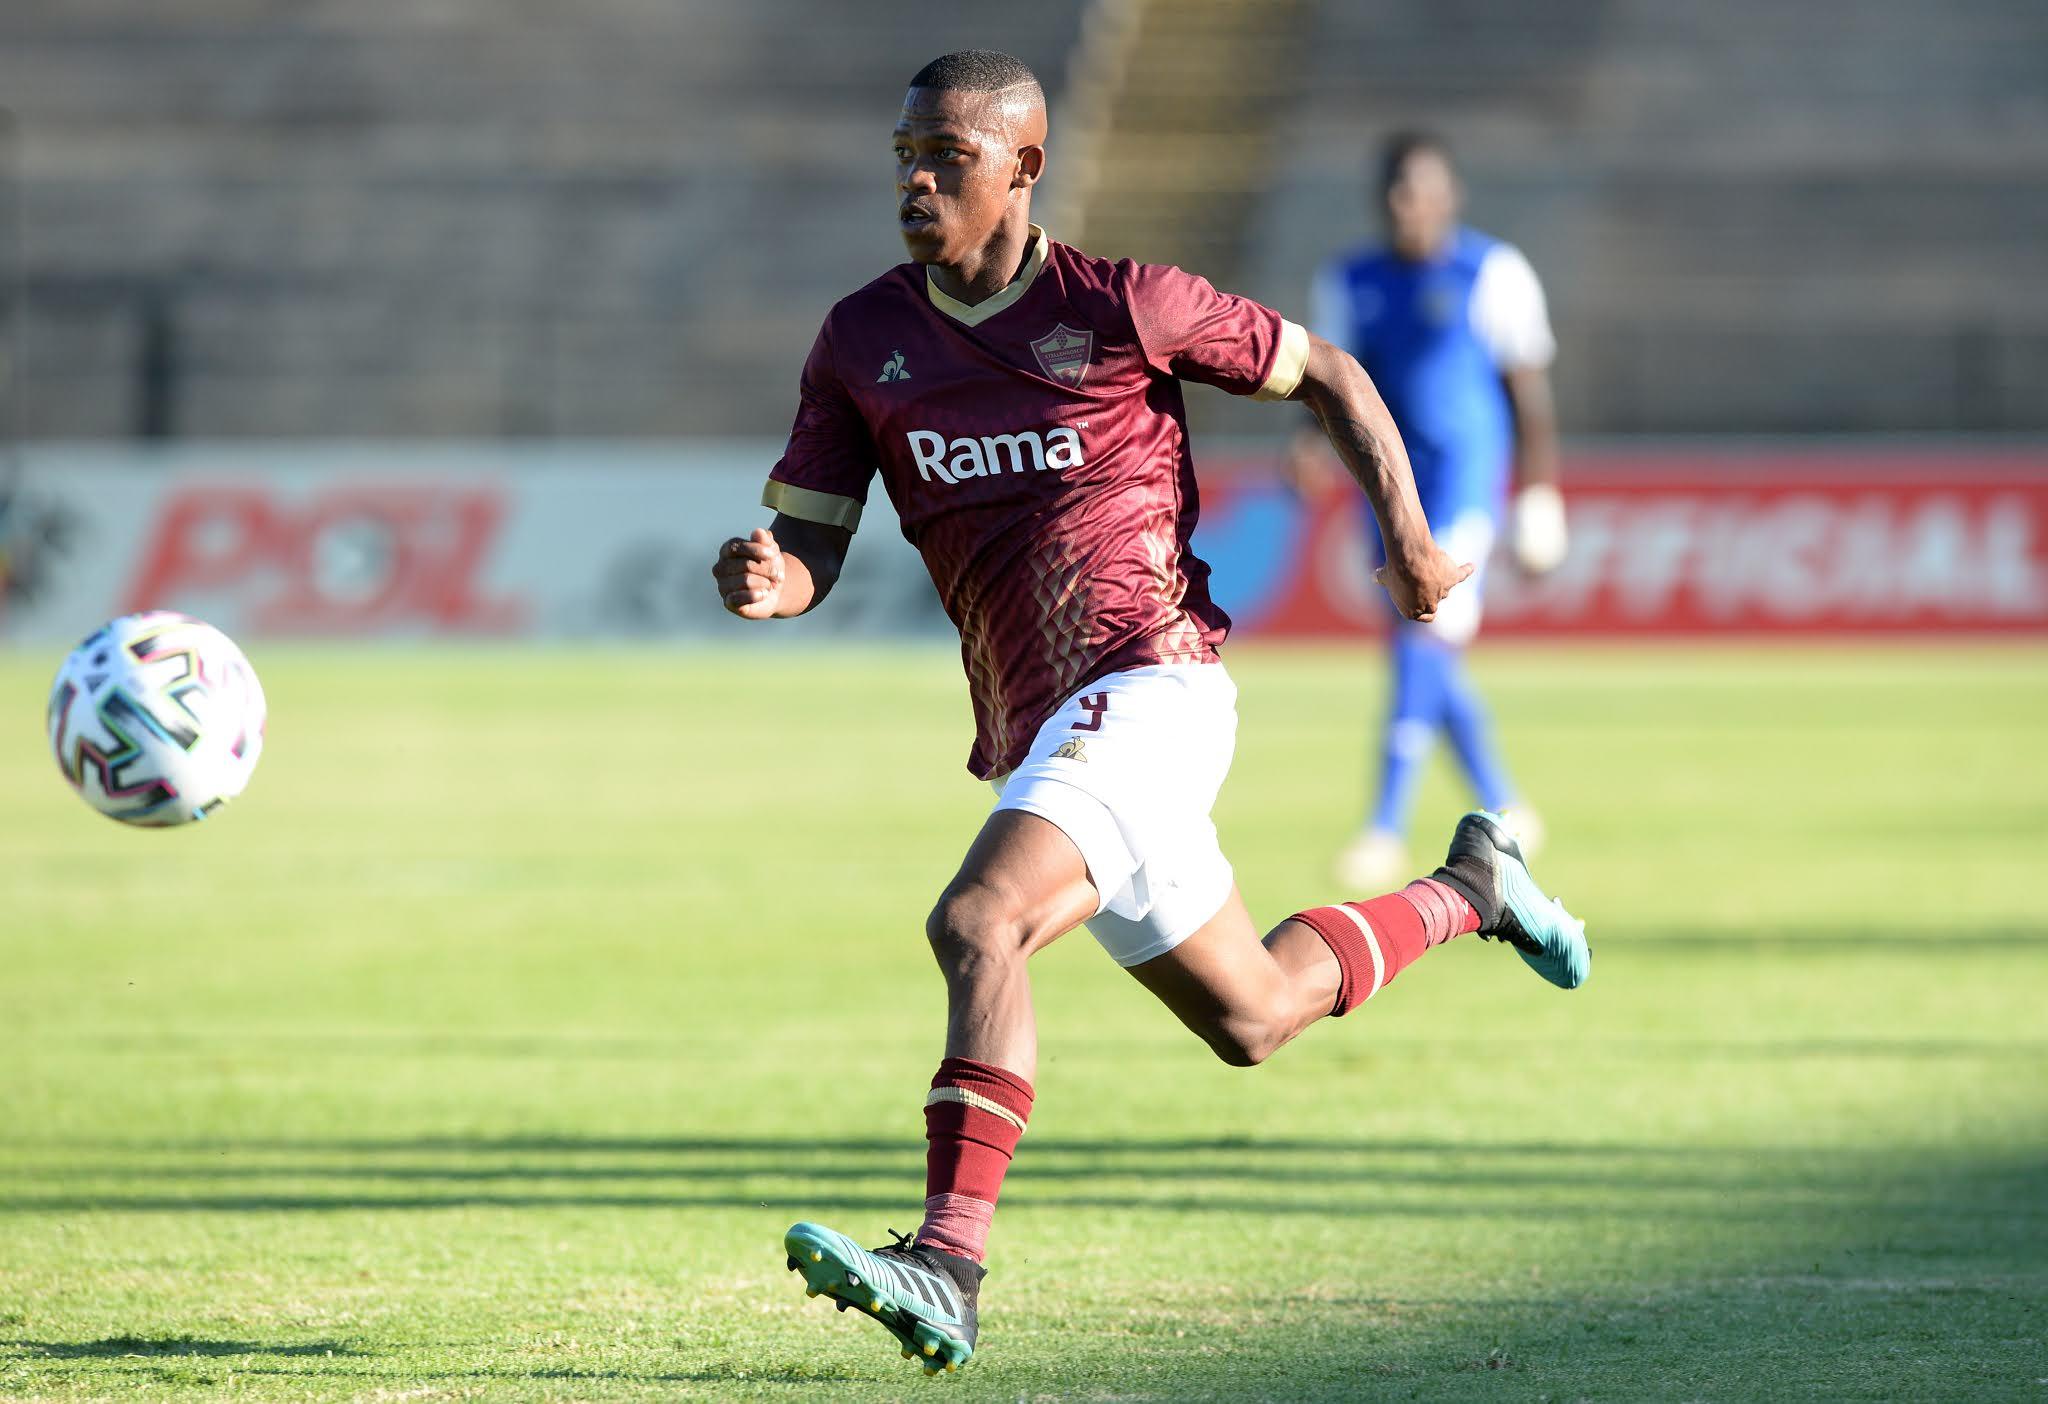 Stellenbosch FC's fearless winger Ashley Du Preez